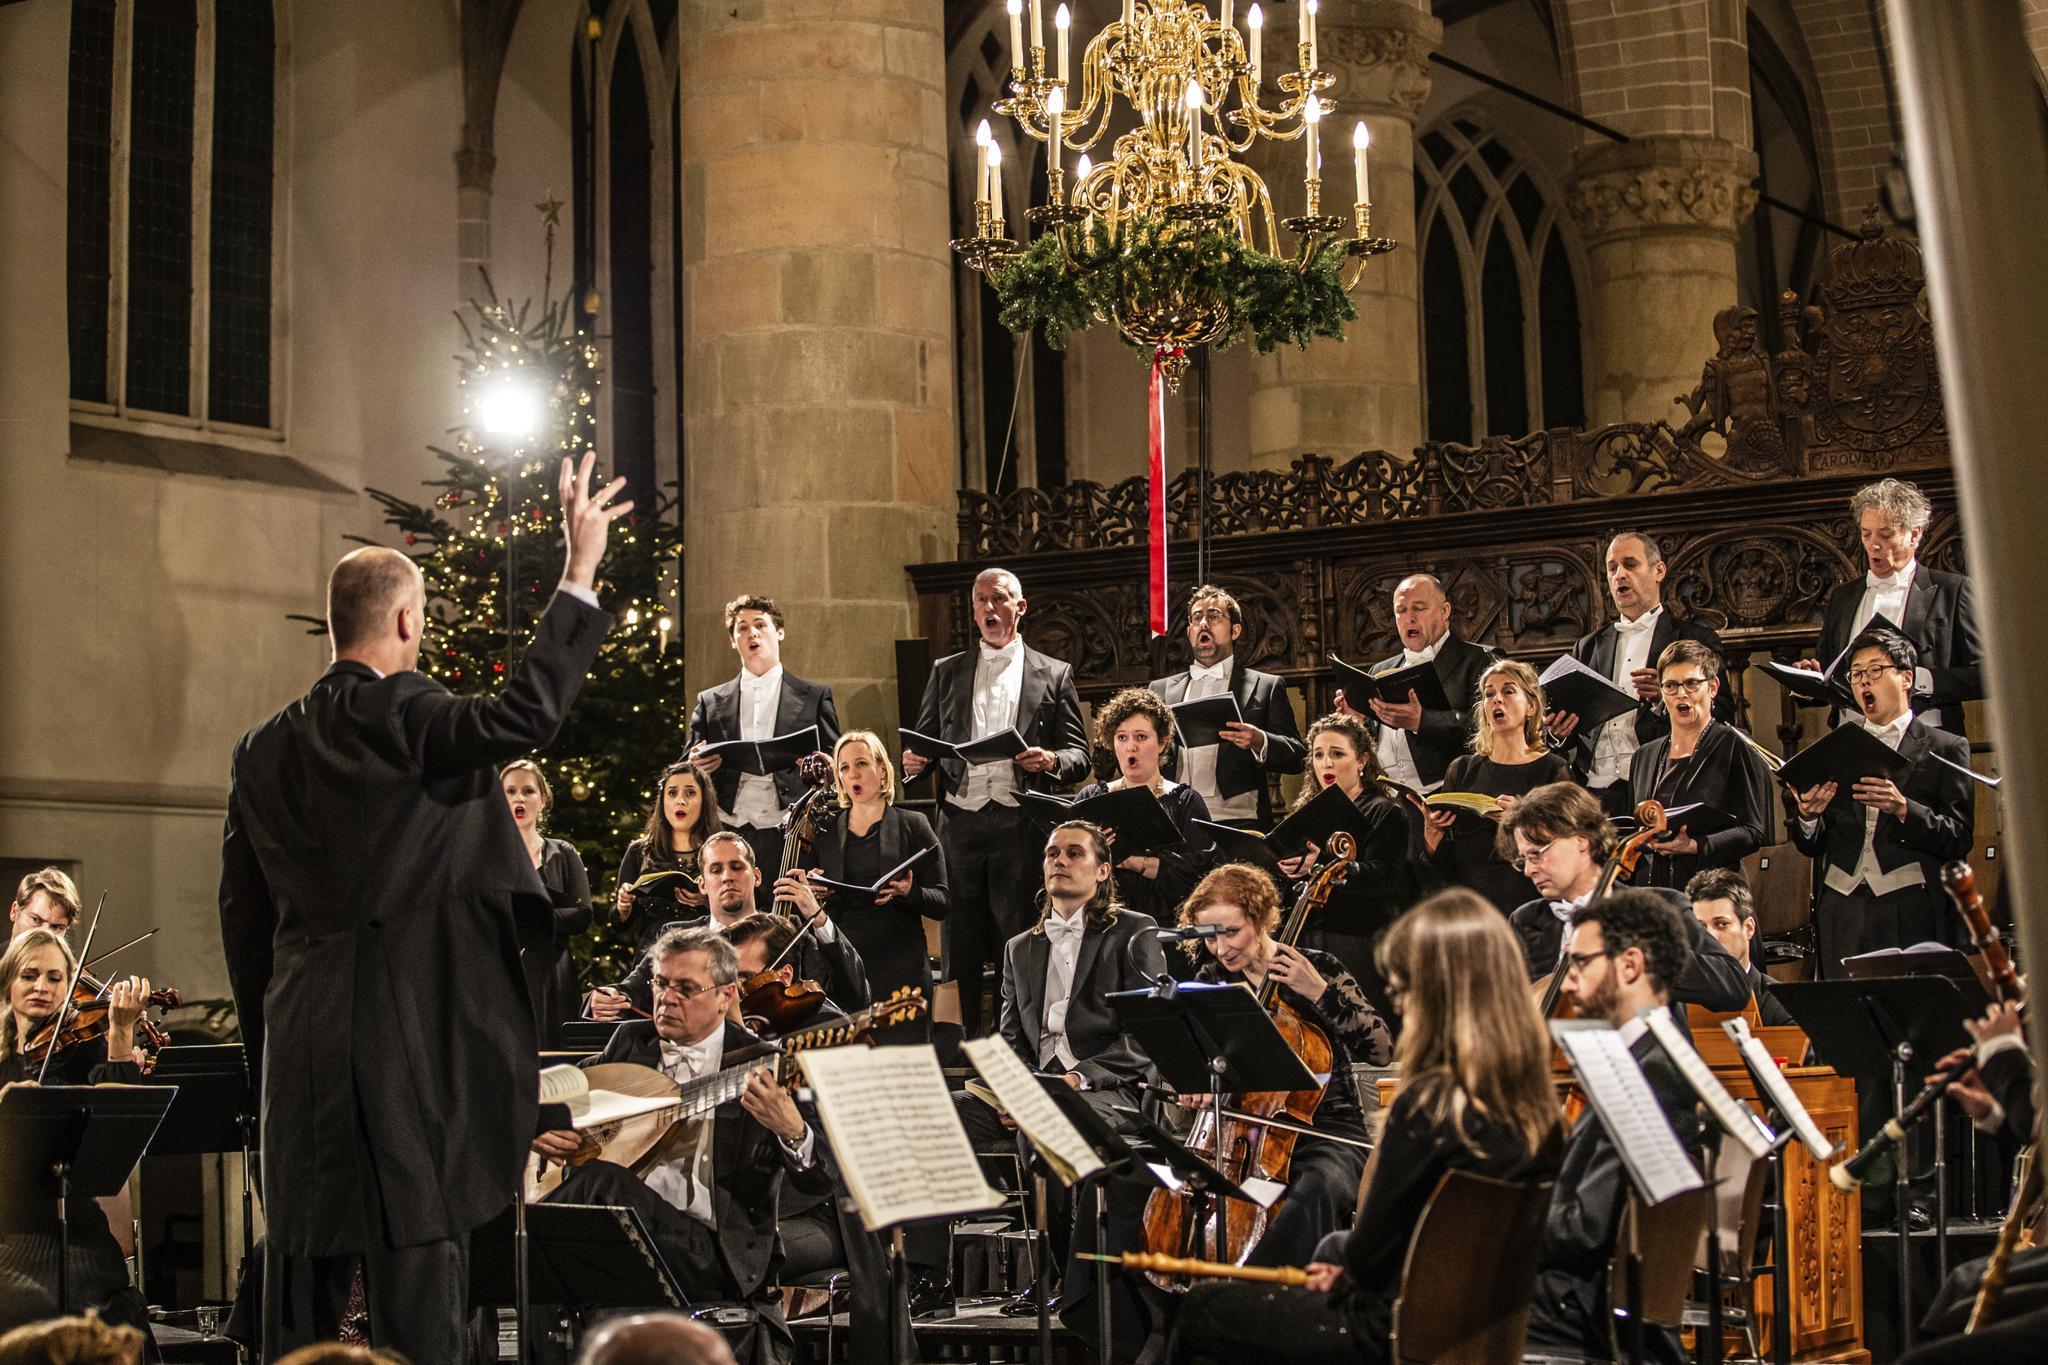 Recensie: Waar komt deze barokke schoonheid beter tot zijn recht dan in de Pieterskerk?